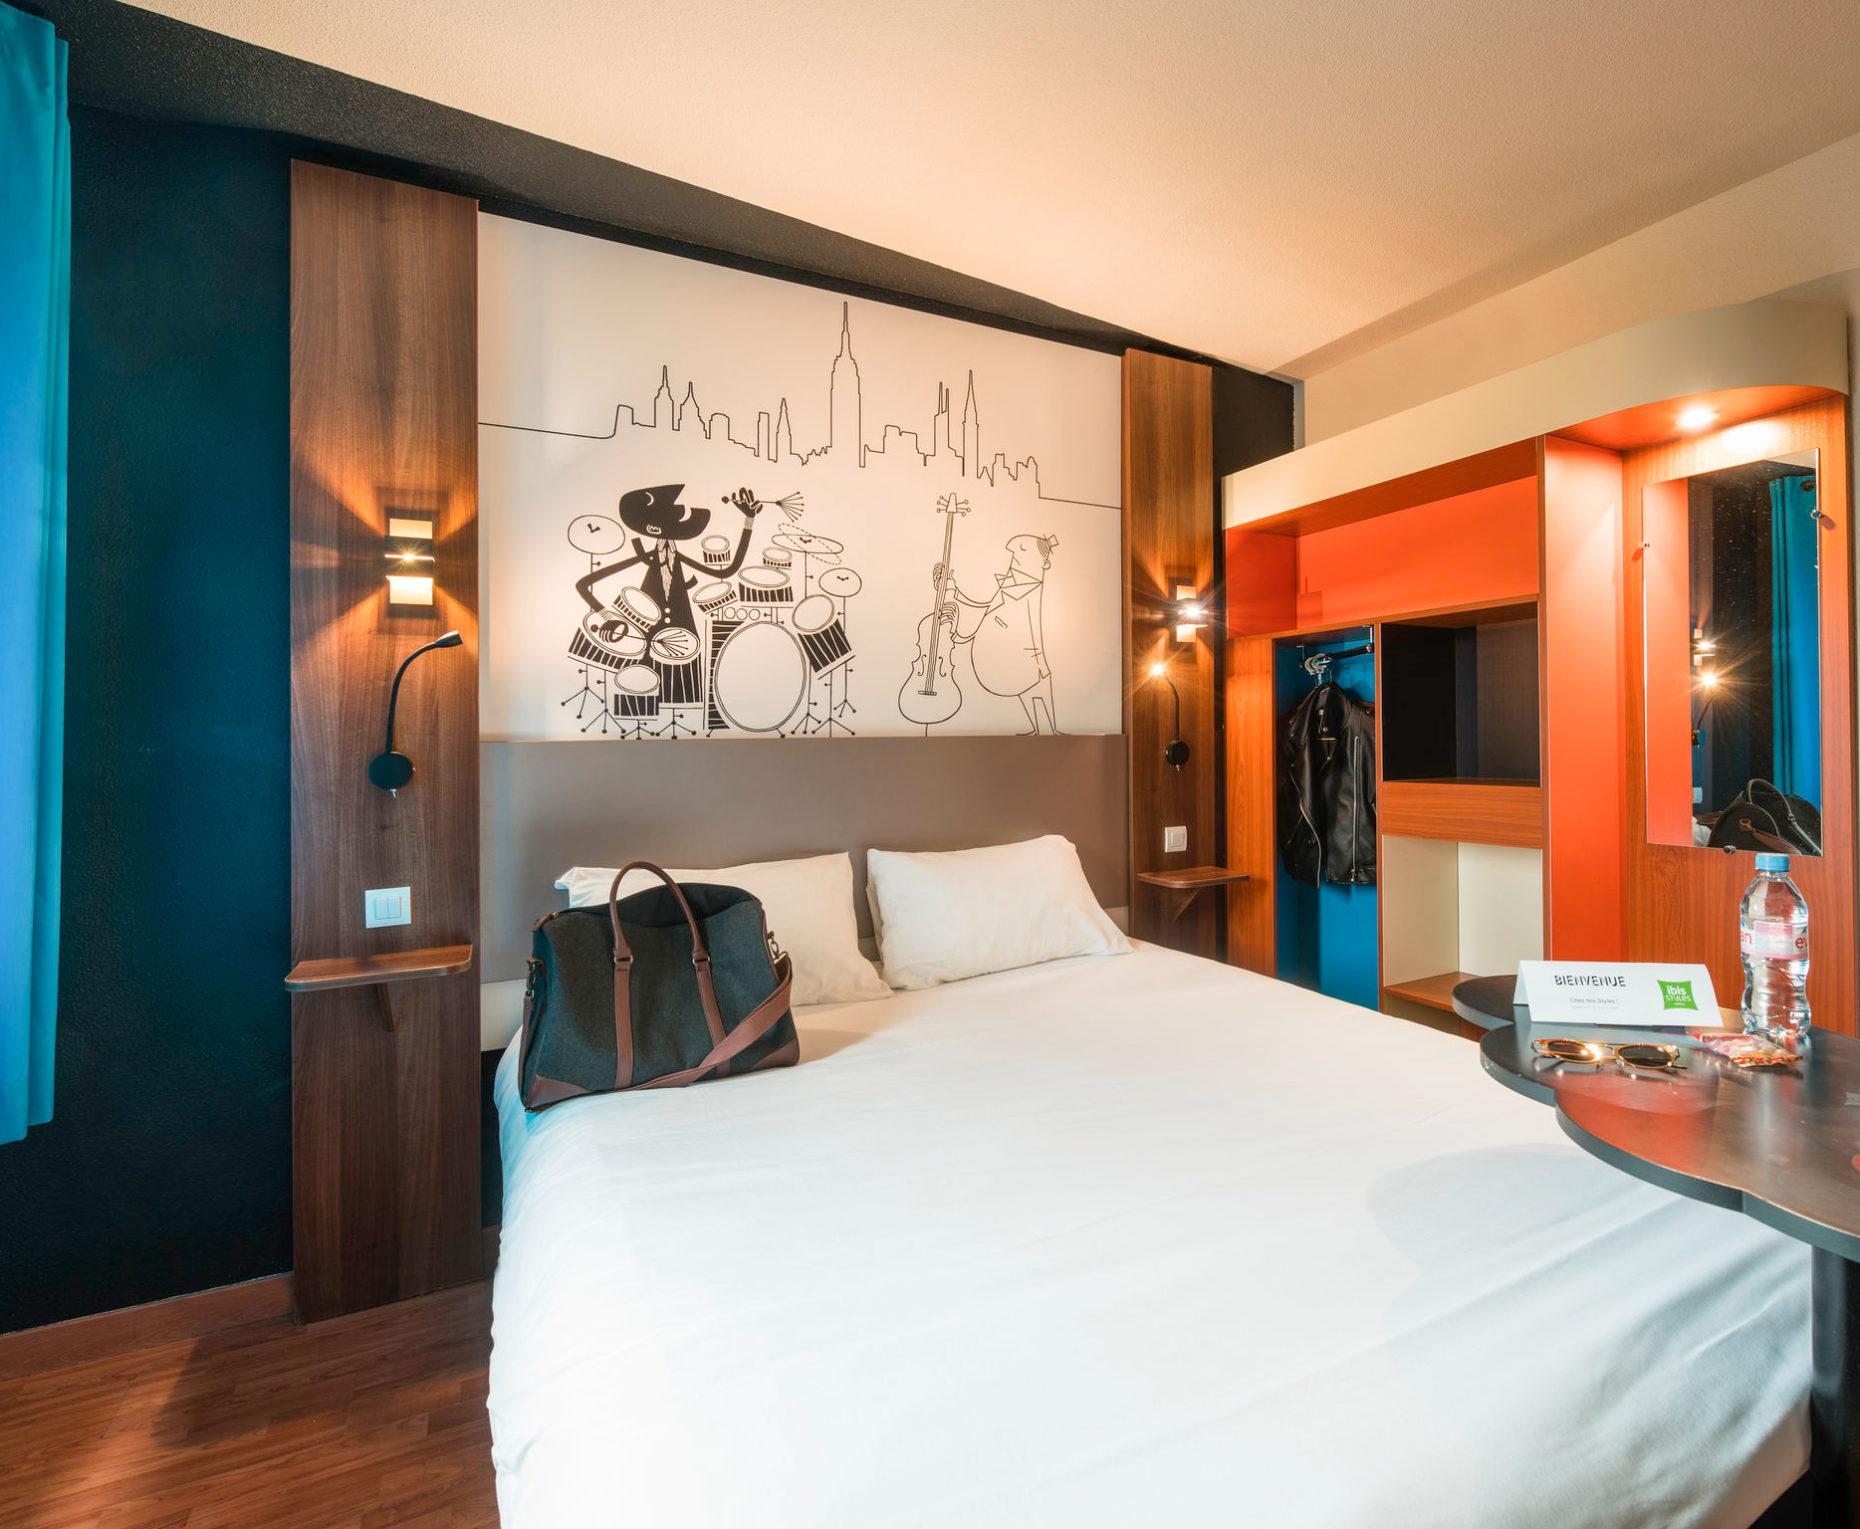 Décoration des têtes de lit de l'hôtel Ibis Styles Toulouse Blagnac